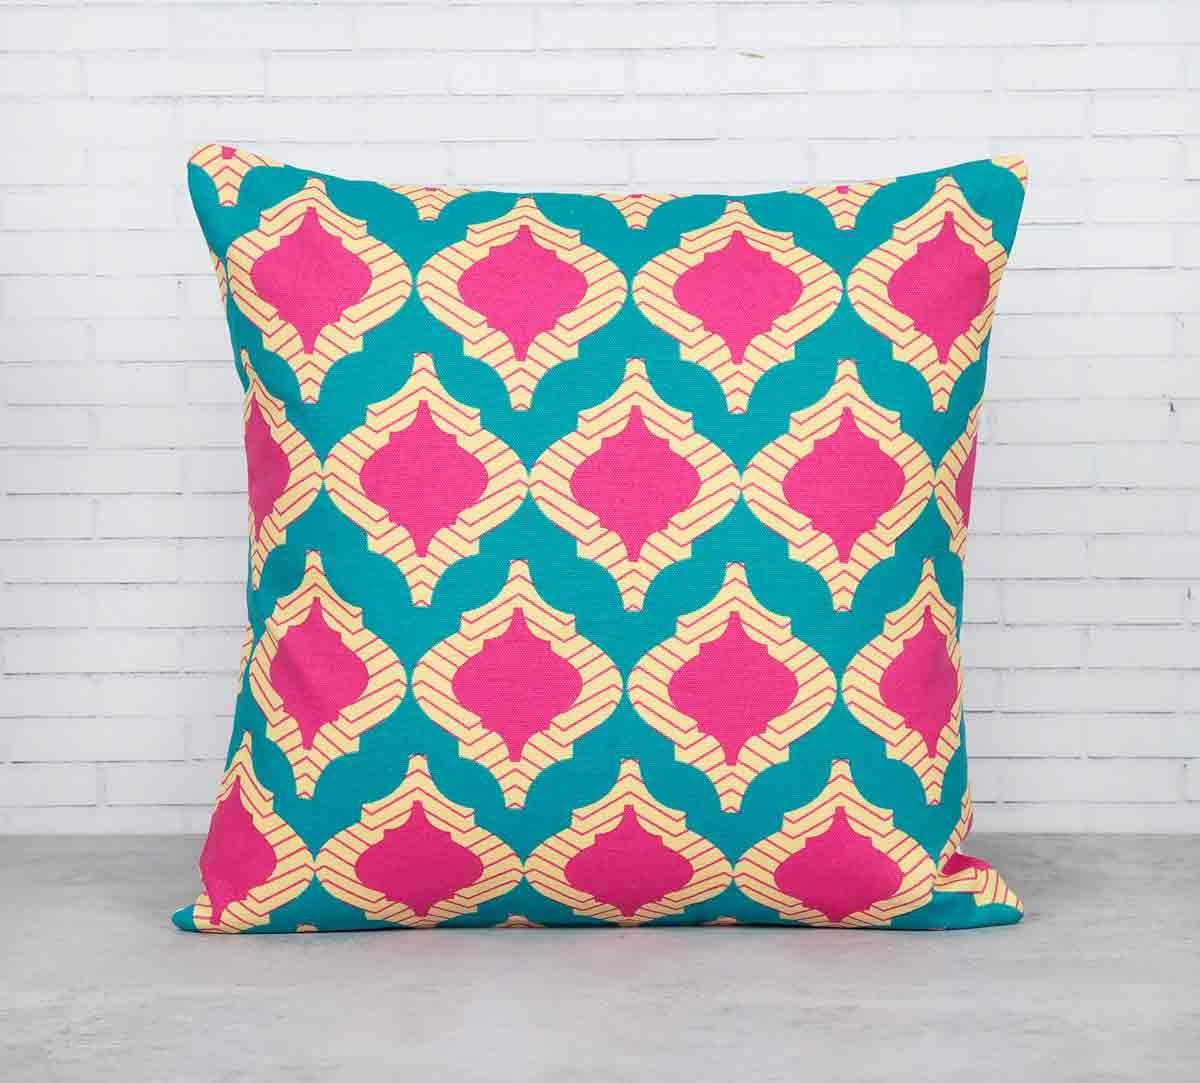 India Circus Lattice Practice Turquoise Blue Cotton Cushion Cover